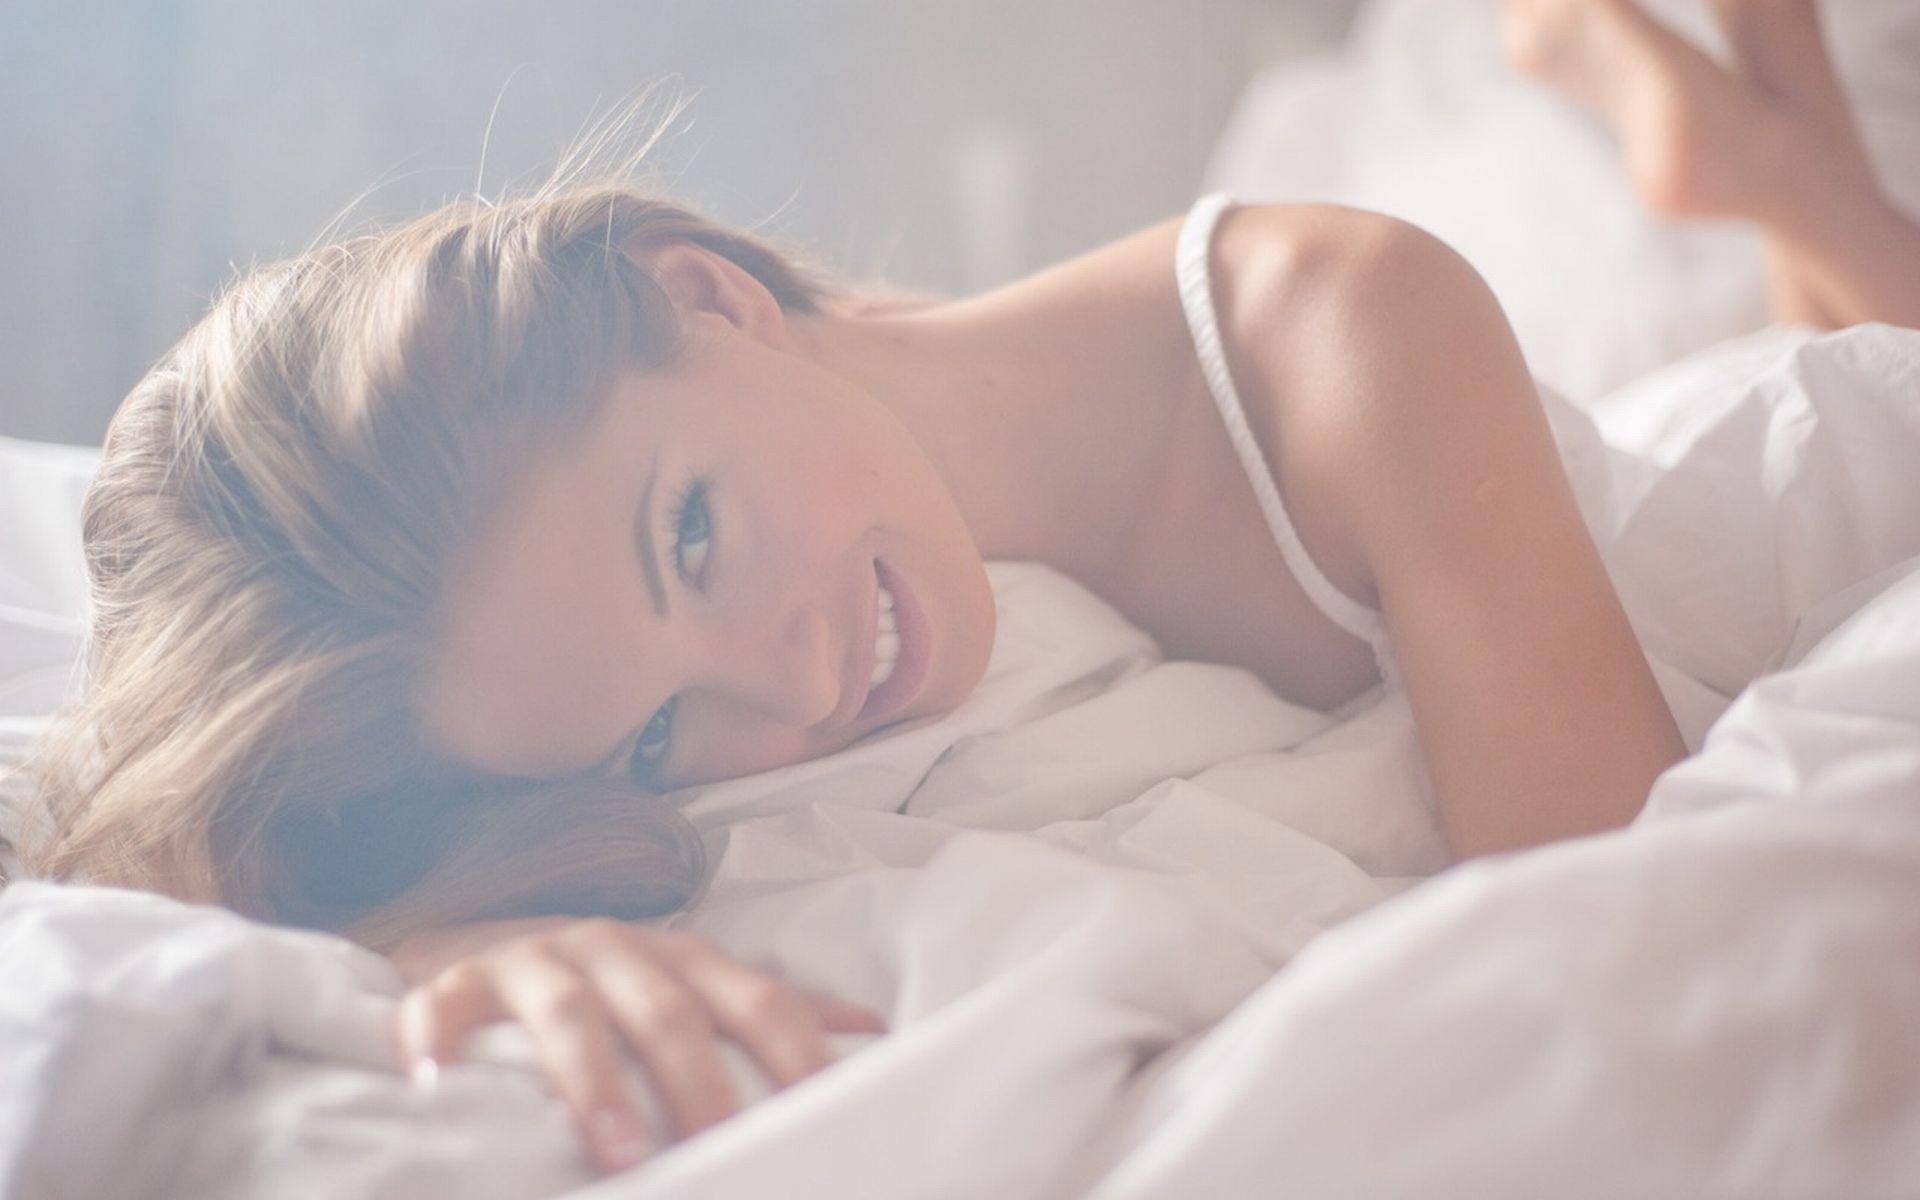 Фото девушки в кровати